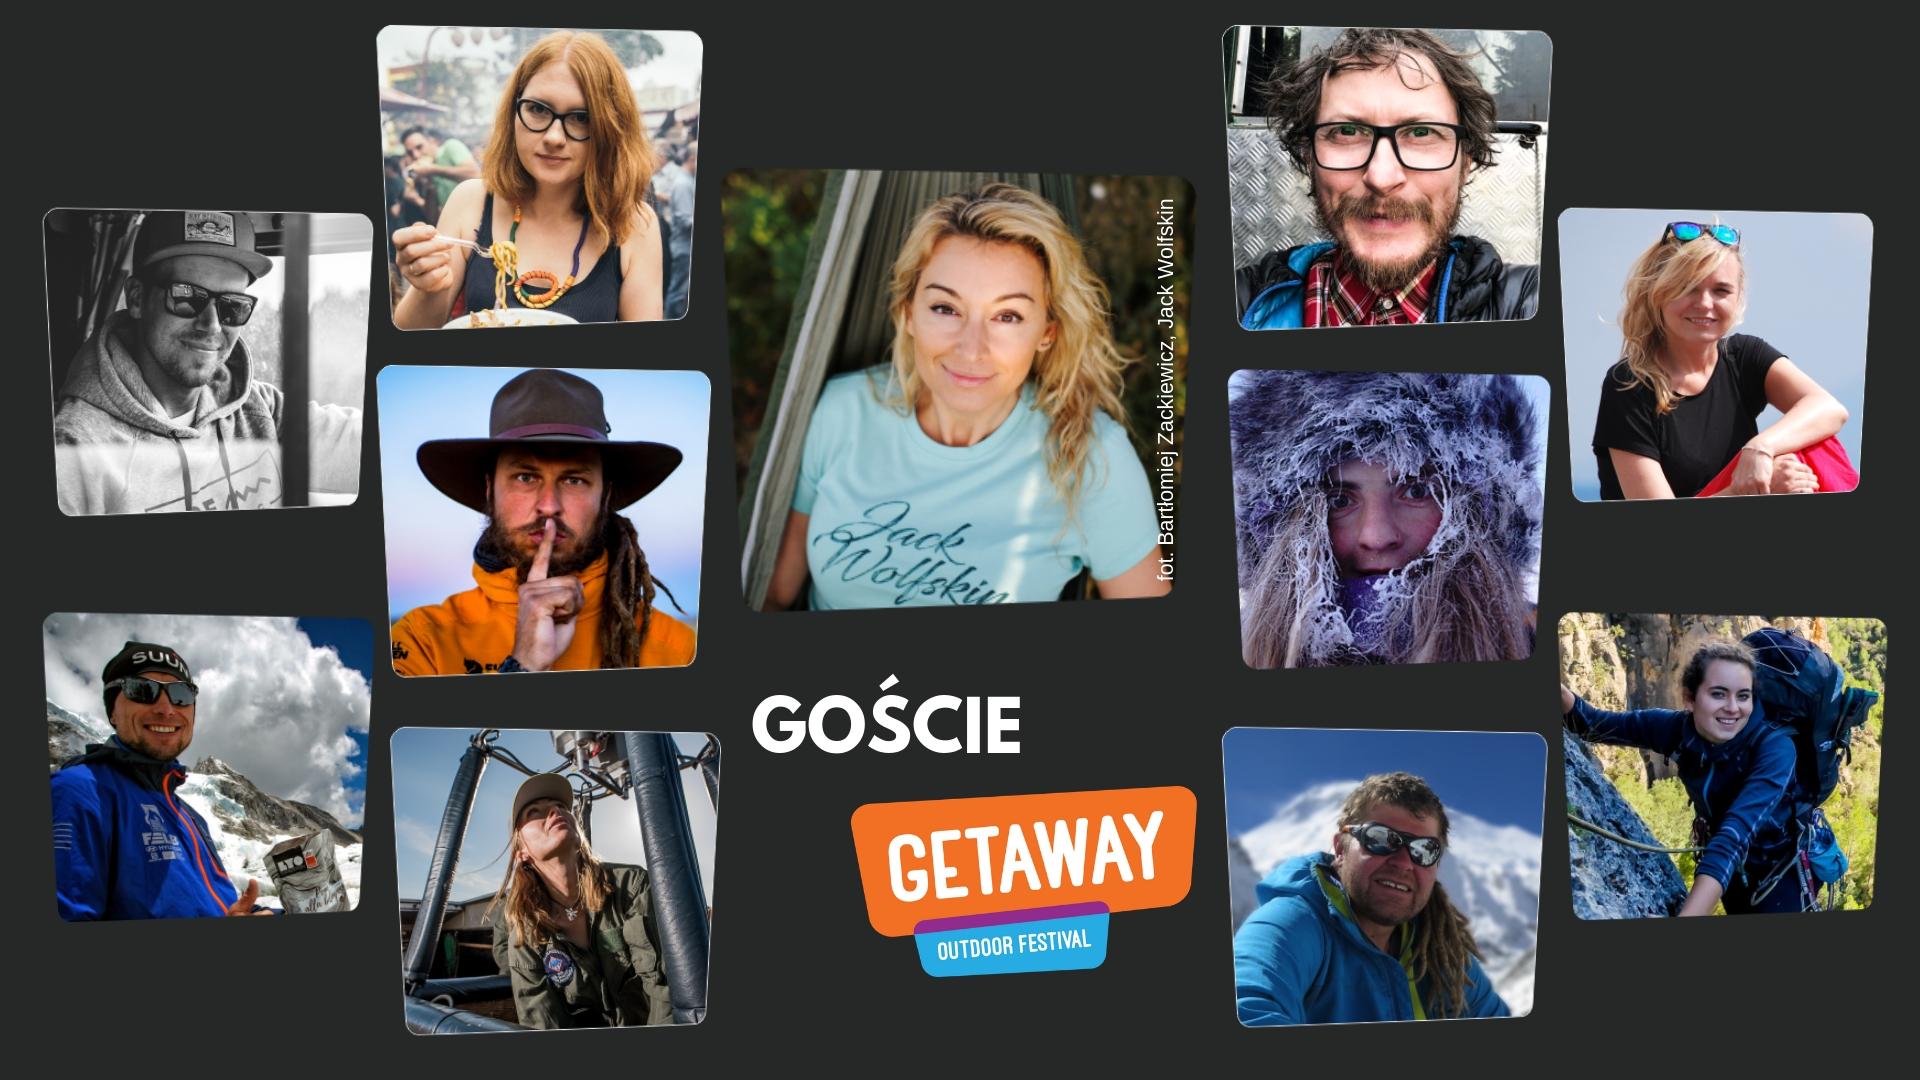 getaway-goscie